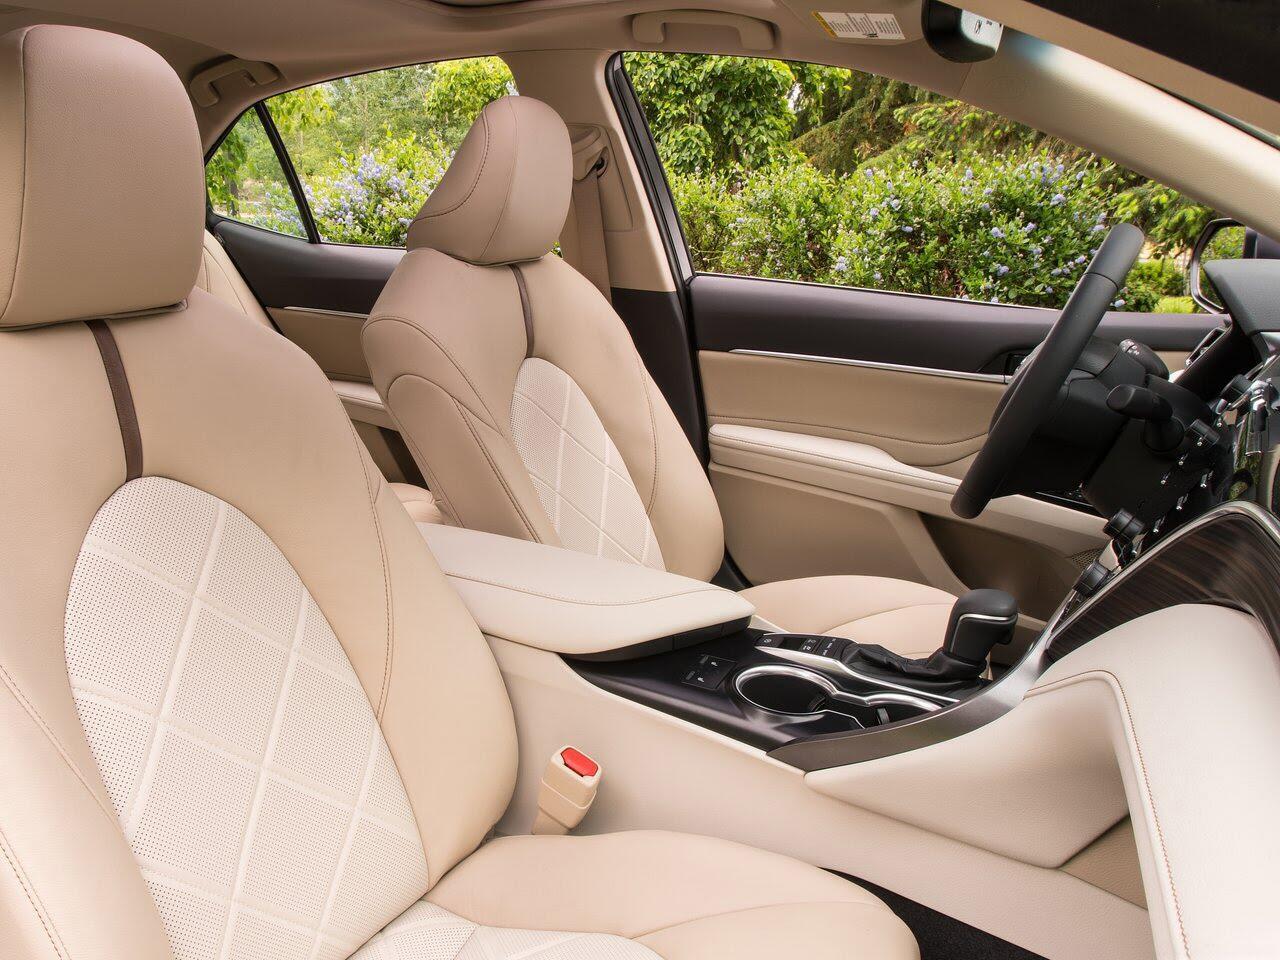 So sánh thông số kỹ thuật Honda Accord 2018 và Toyota Camry 2018 - Hình 10